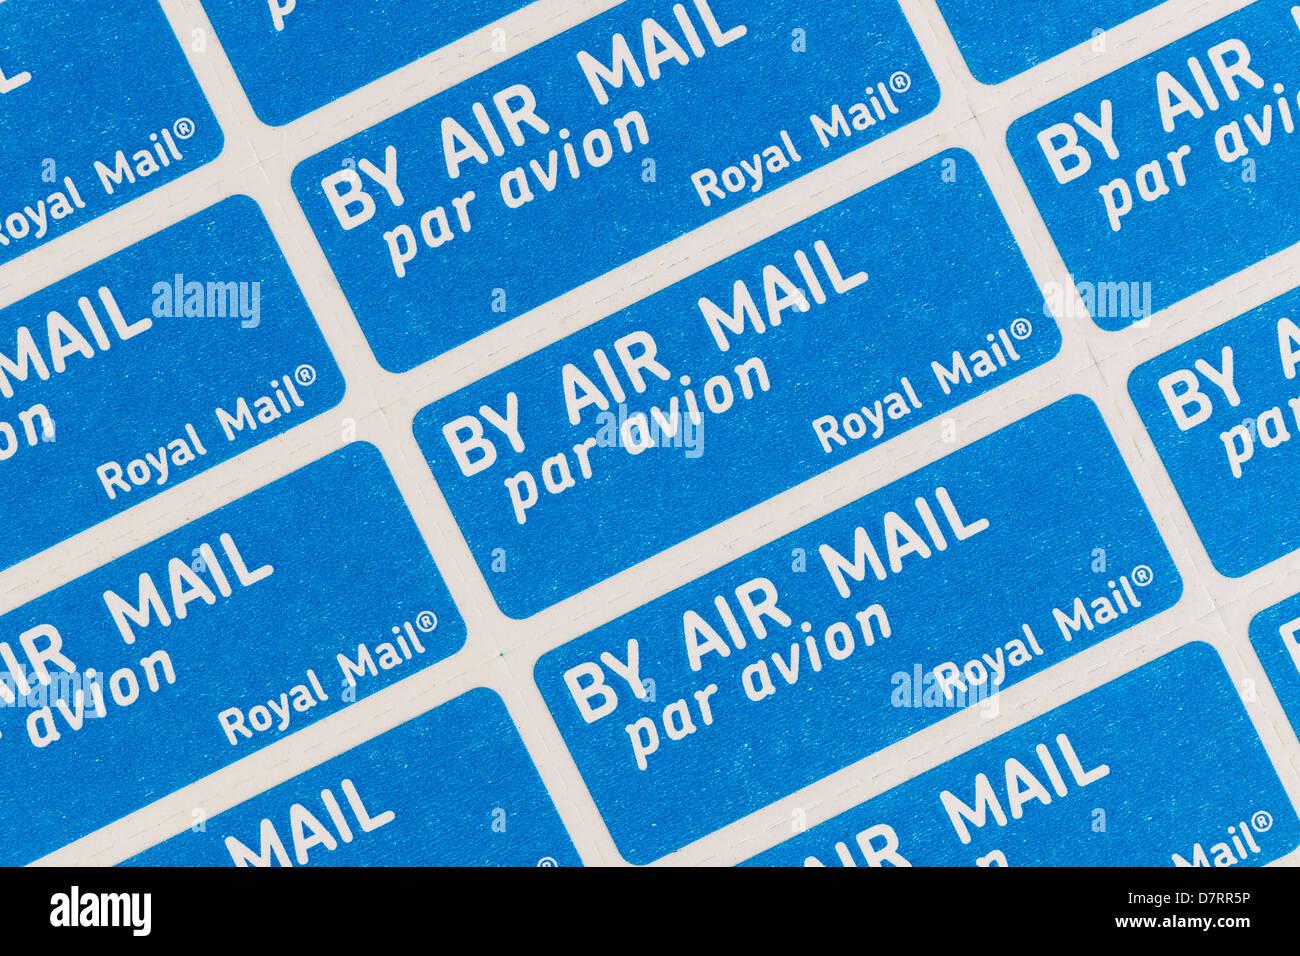 Royal Mail Correo Aéreo pegatinas para cartas enviadas por avión Imagen De Stock